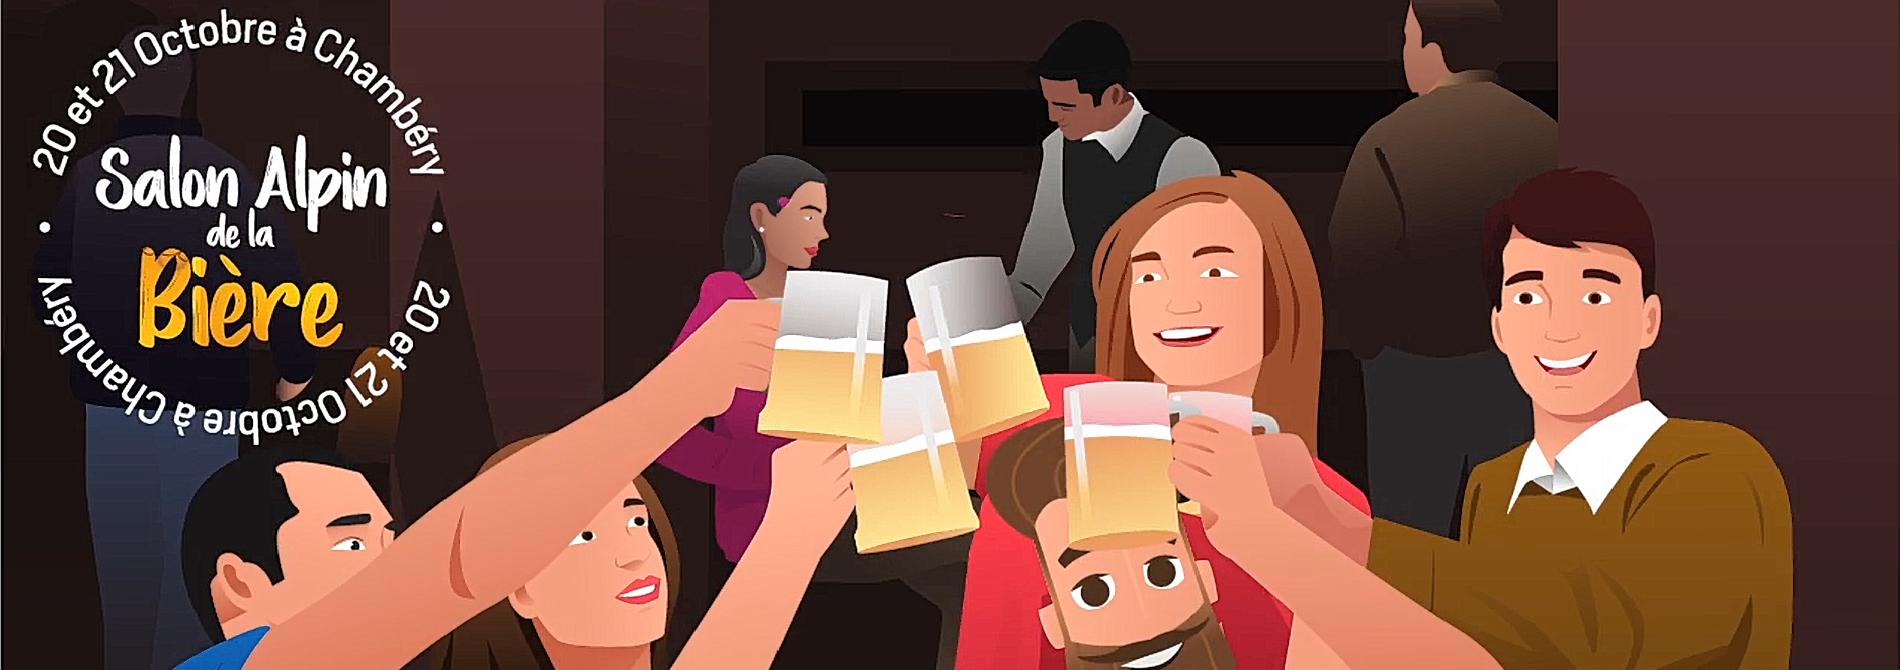 1 verre gratuit de la bière élue reine du salon 2017 « la bière verveine » – Brasserie CAQUOT aux 300 premières pré-ventes.